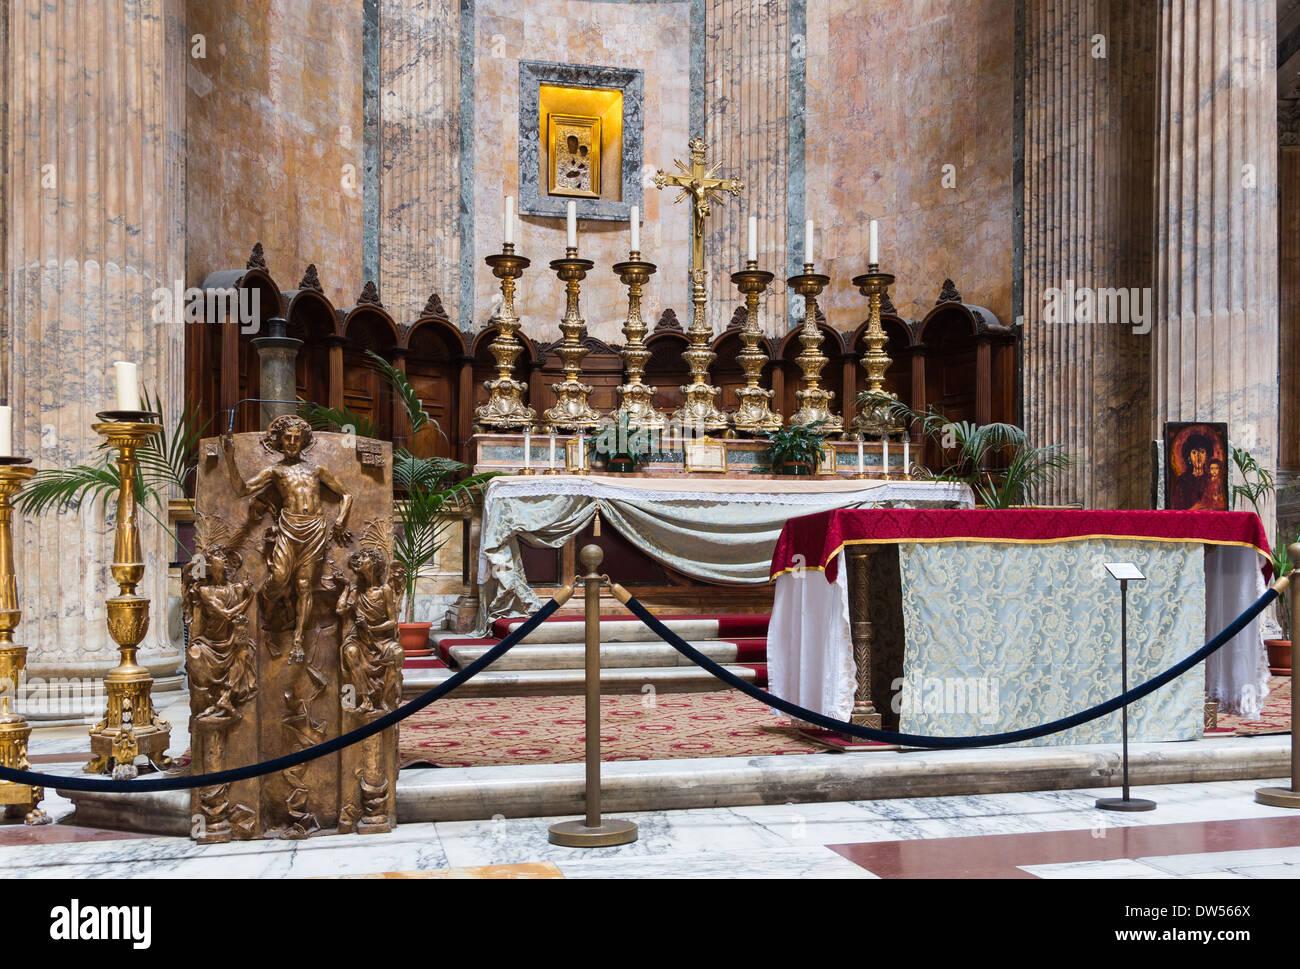 L'altare maggiore della chiesa Sancta Maria ad Martyres (Pantheon), a Roma, Italia. Immagini Stock